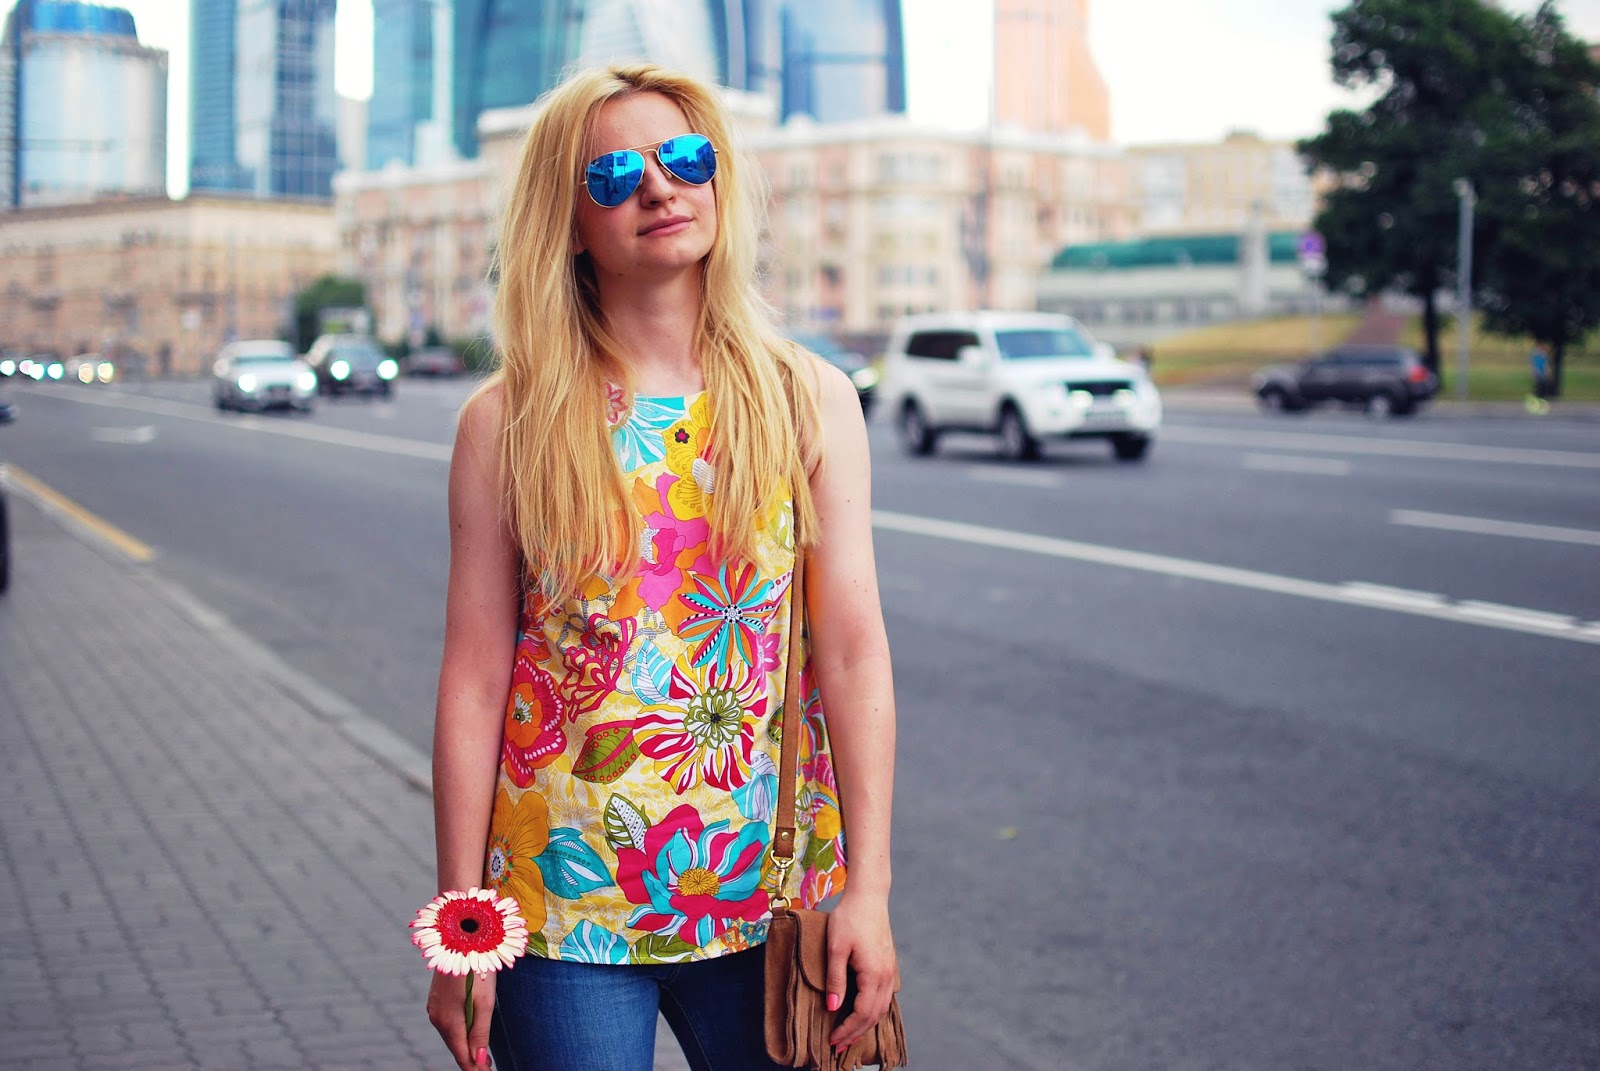 уличная мода идеи 2016, винтажный топ с чем носить, лето 2016 фото